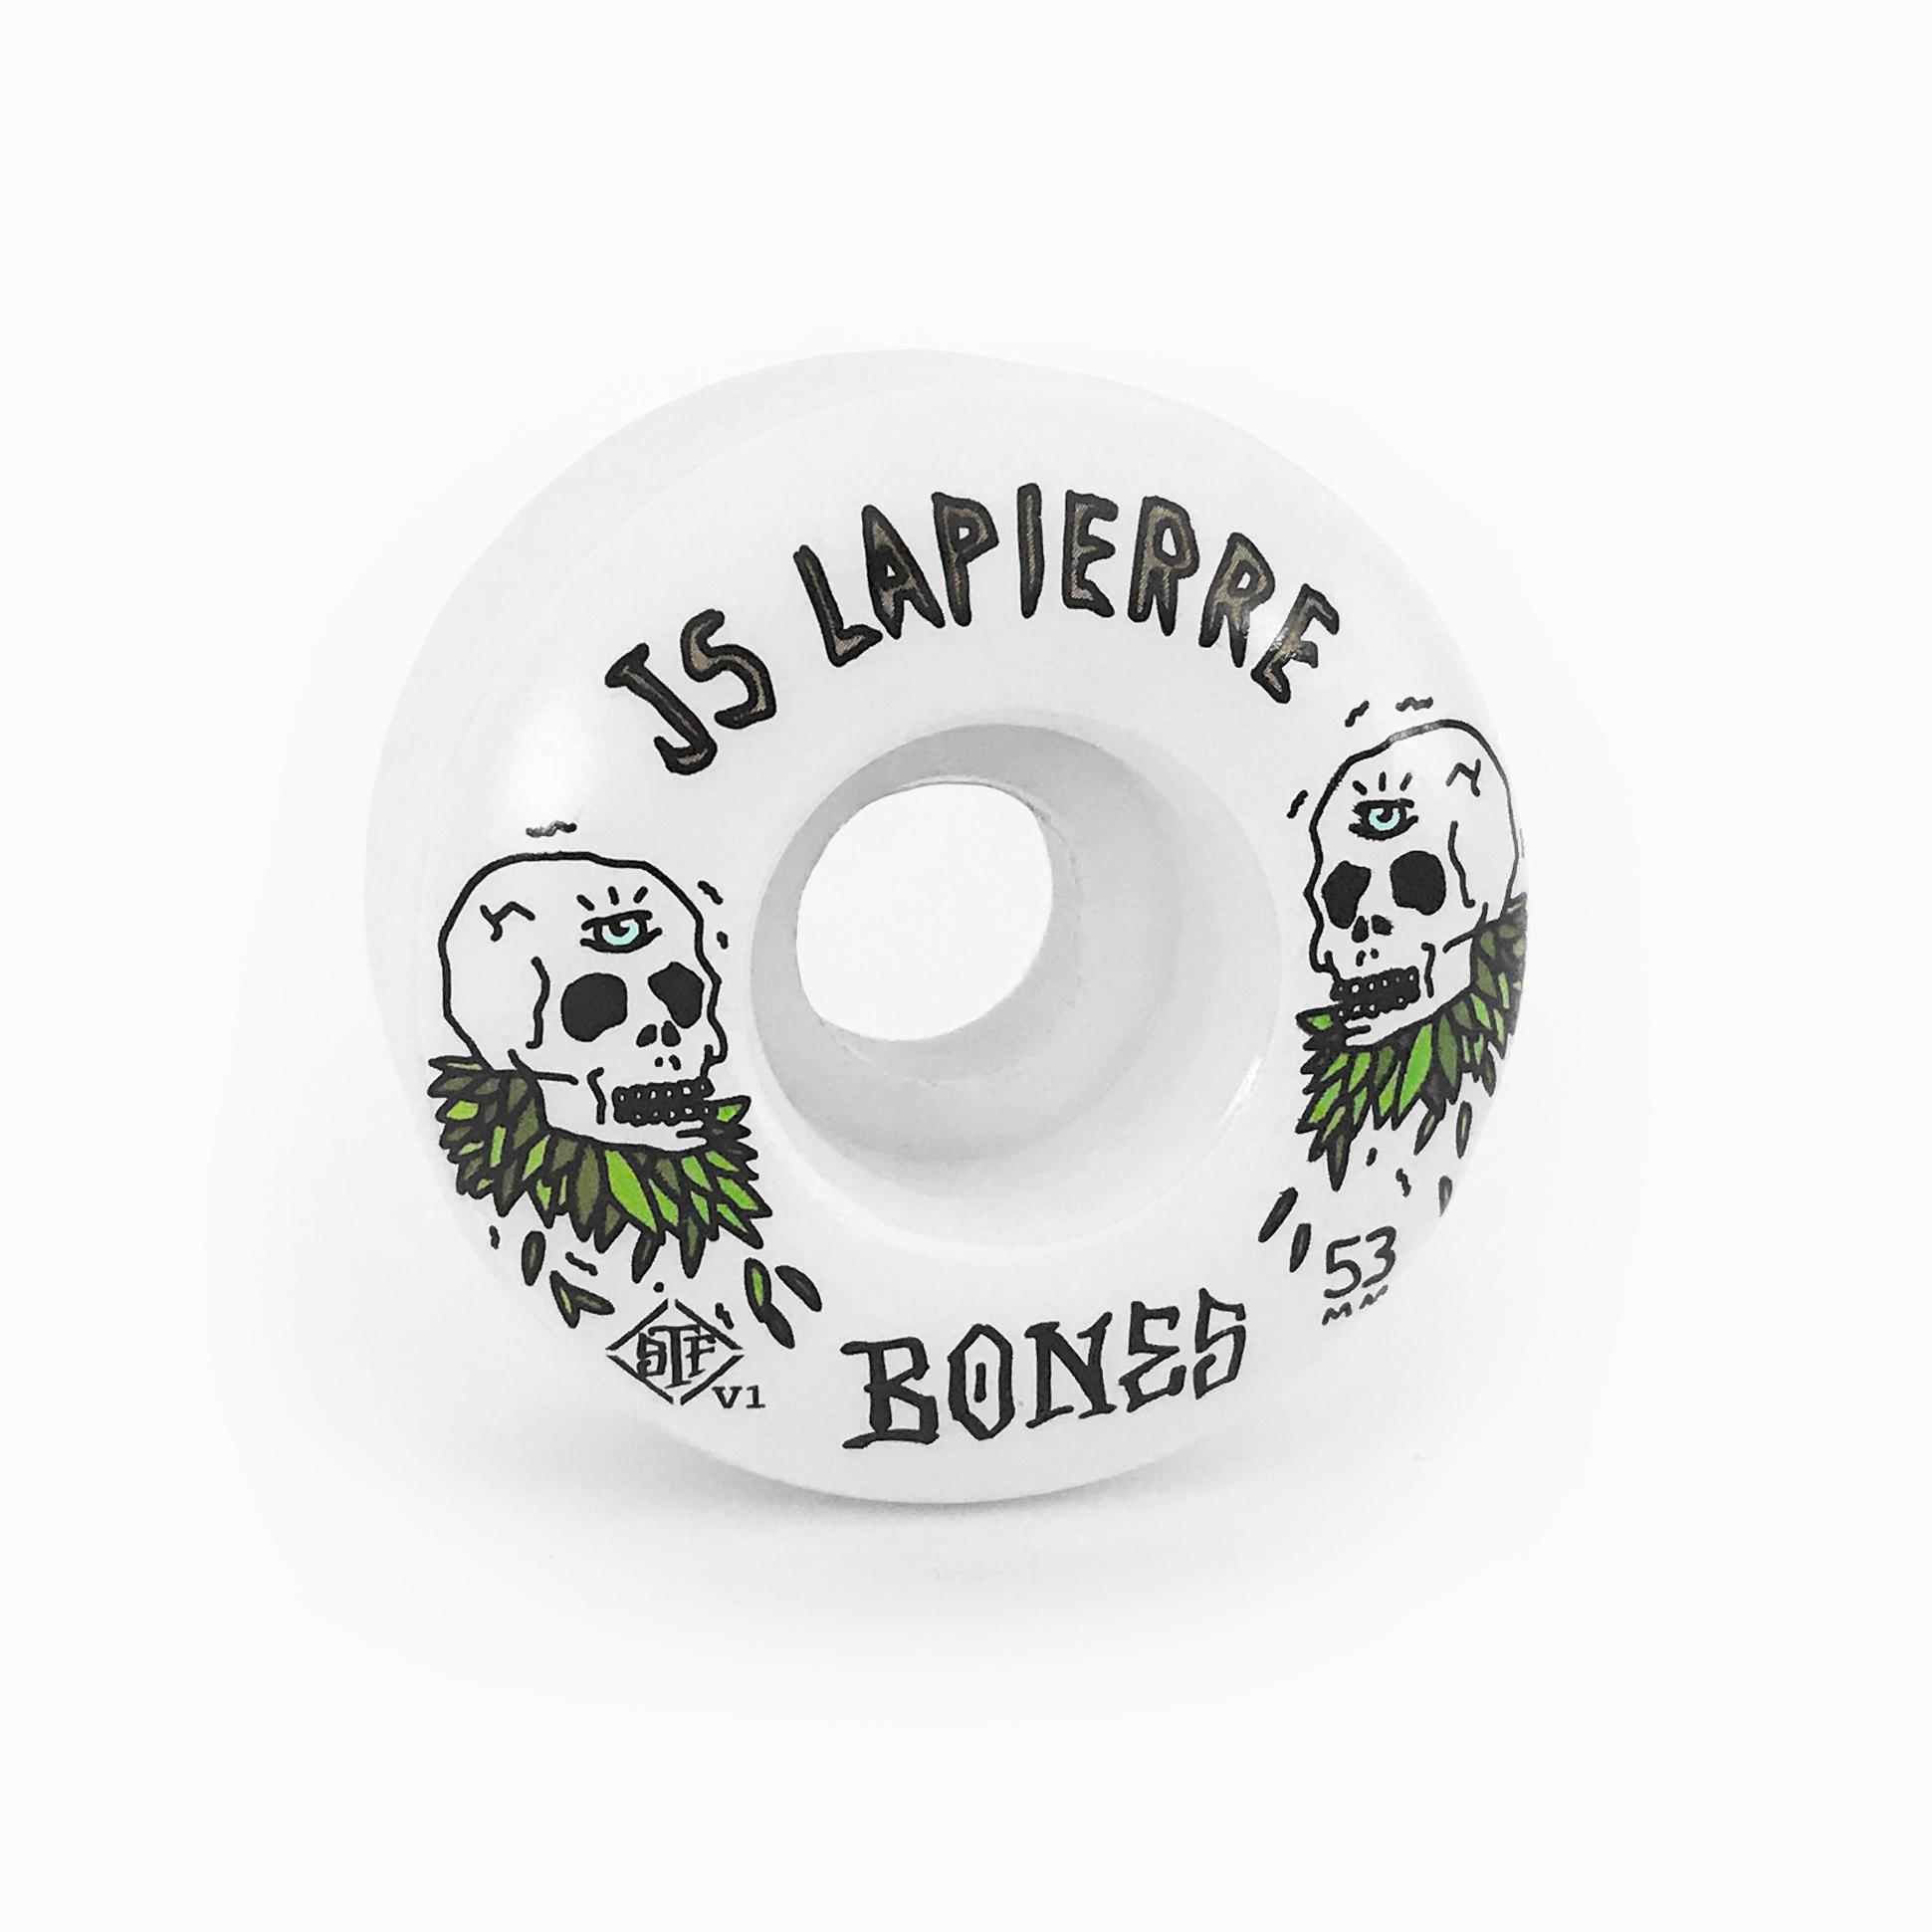 BrotherMerle-Bones-JsLapierre.jpg